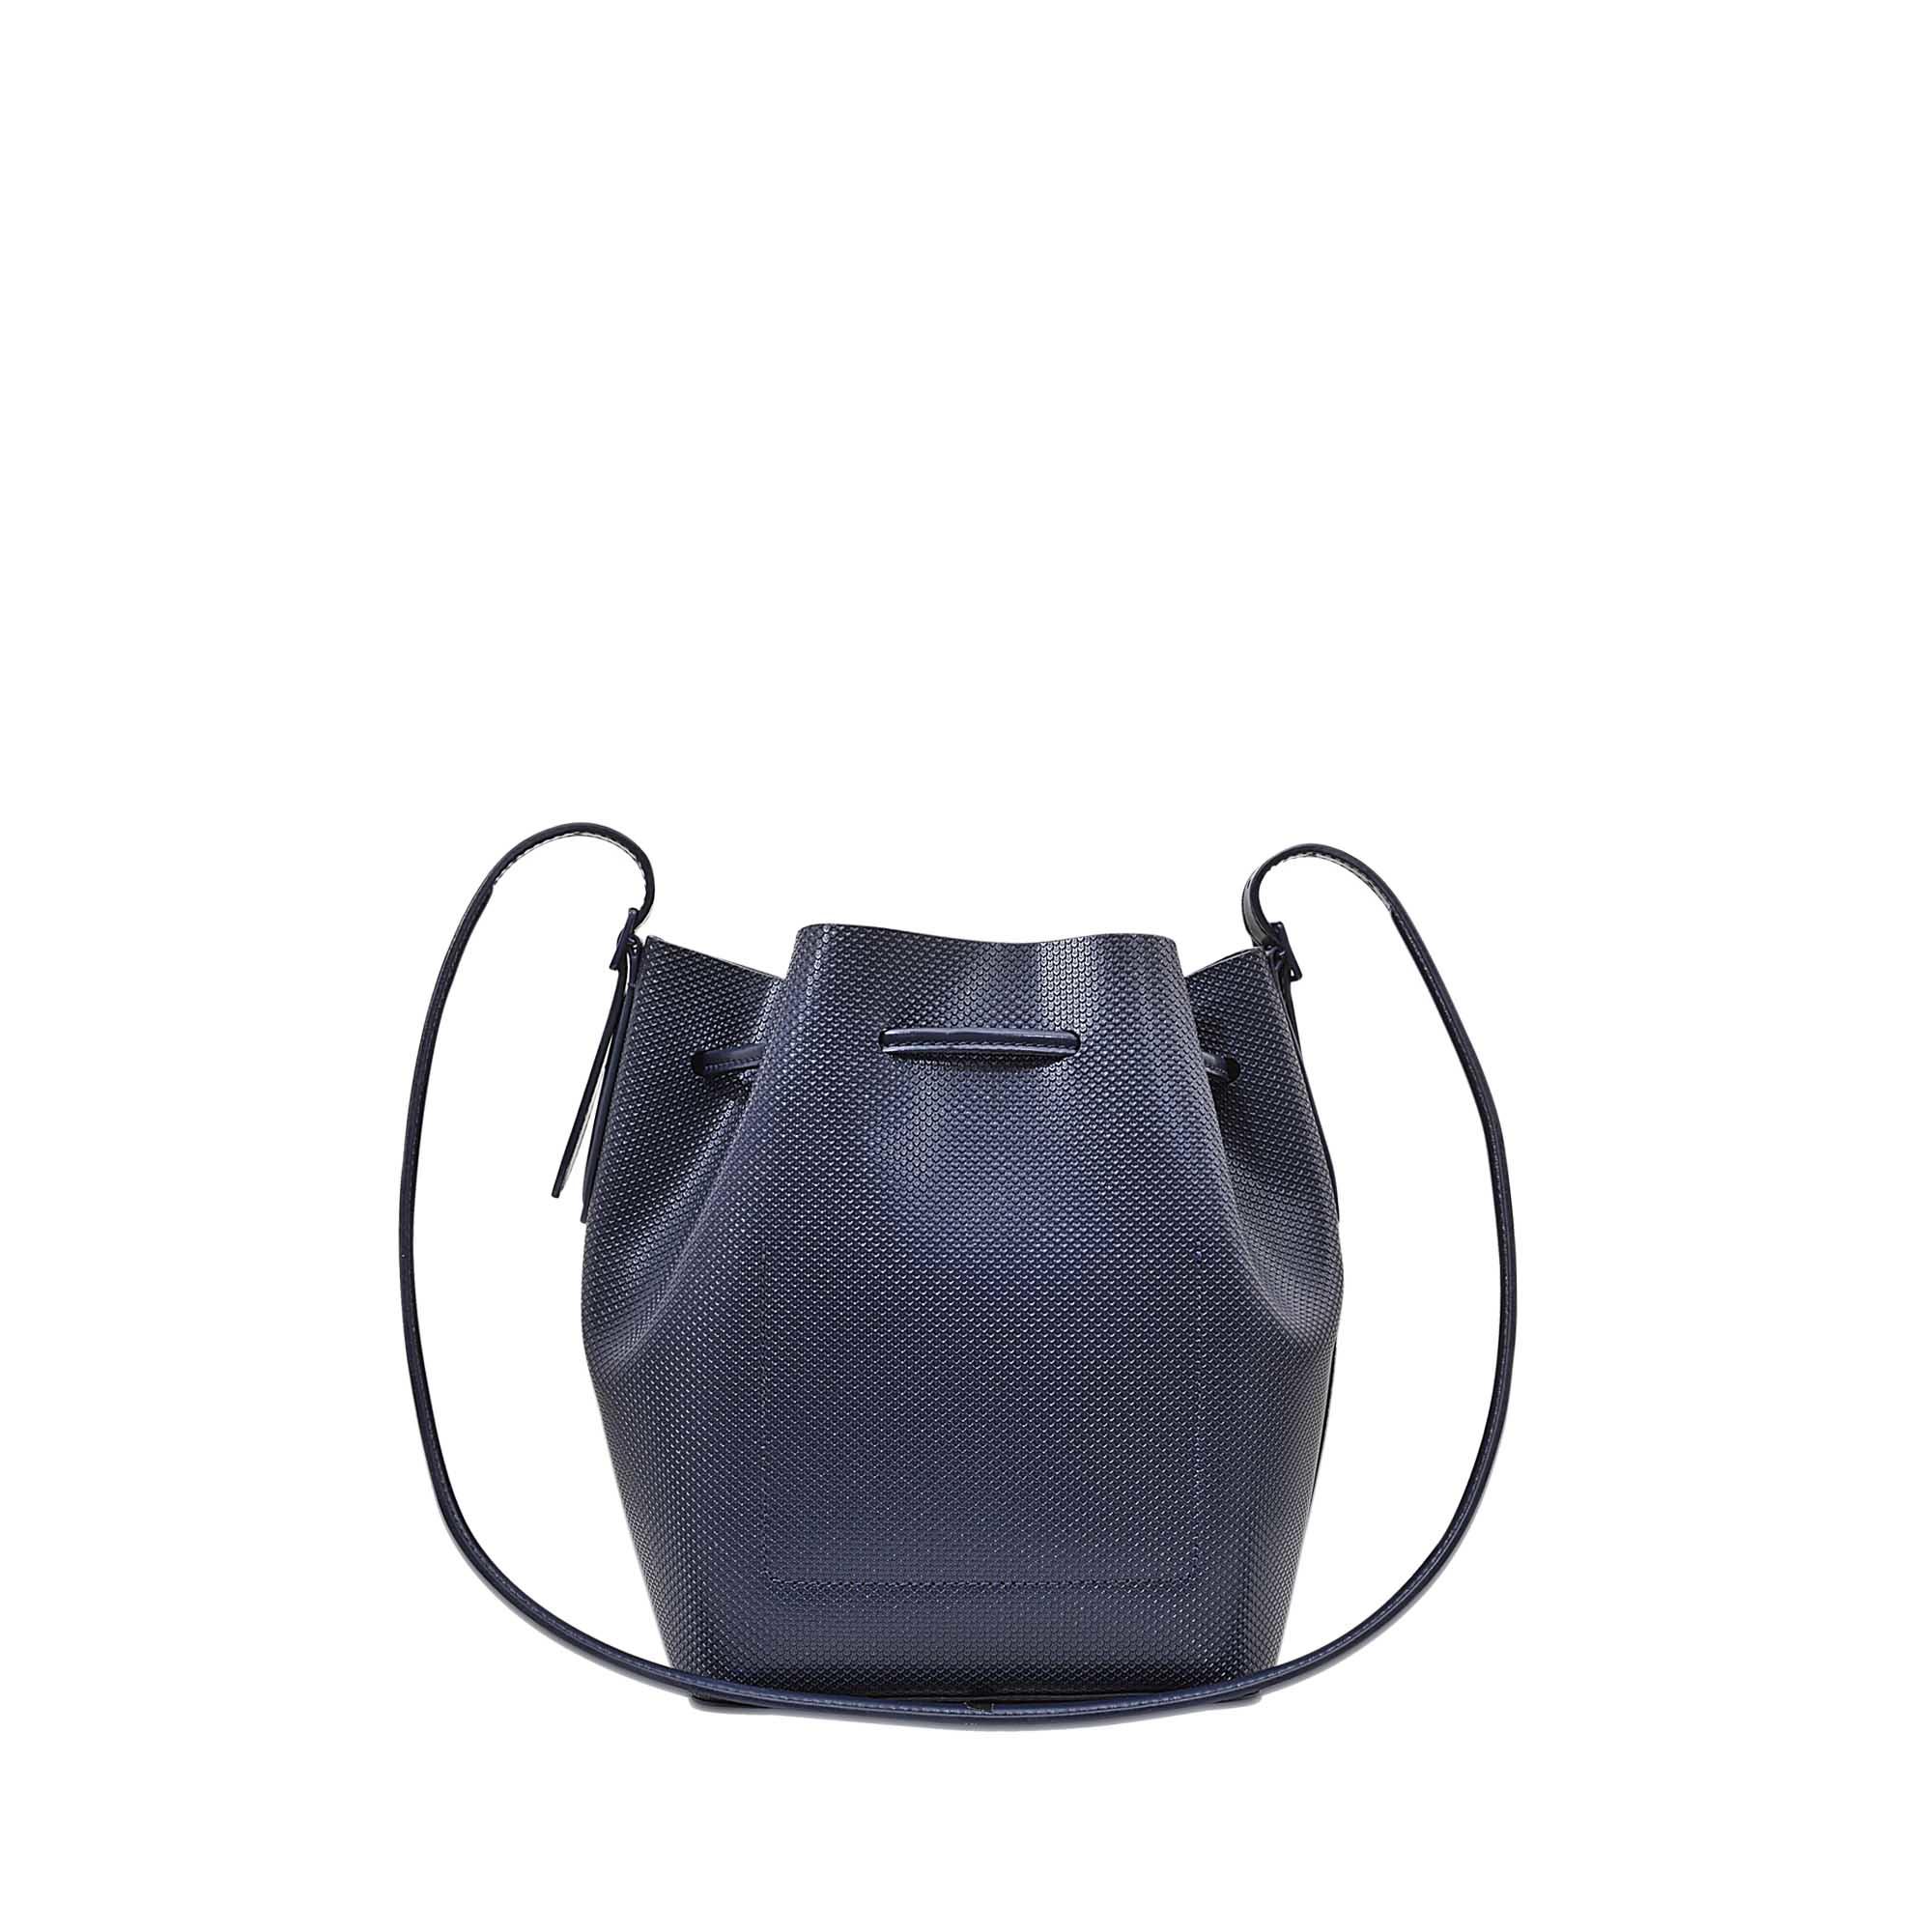 be3c9ba1e6b8cc Lyst - Lacoste Chantaco Bucket Bag in Purple